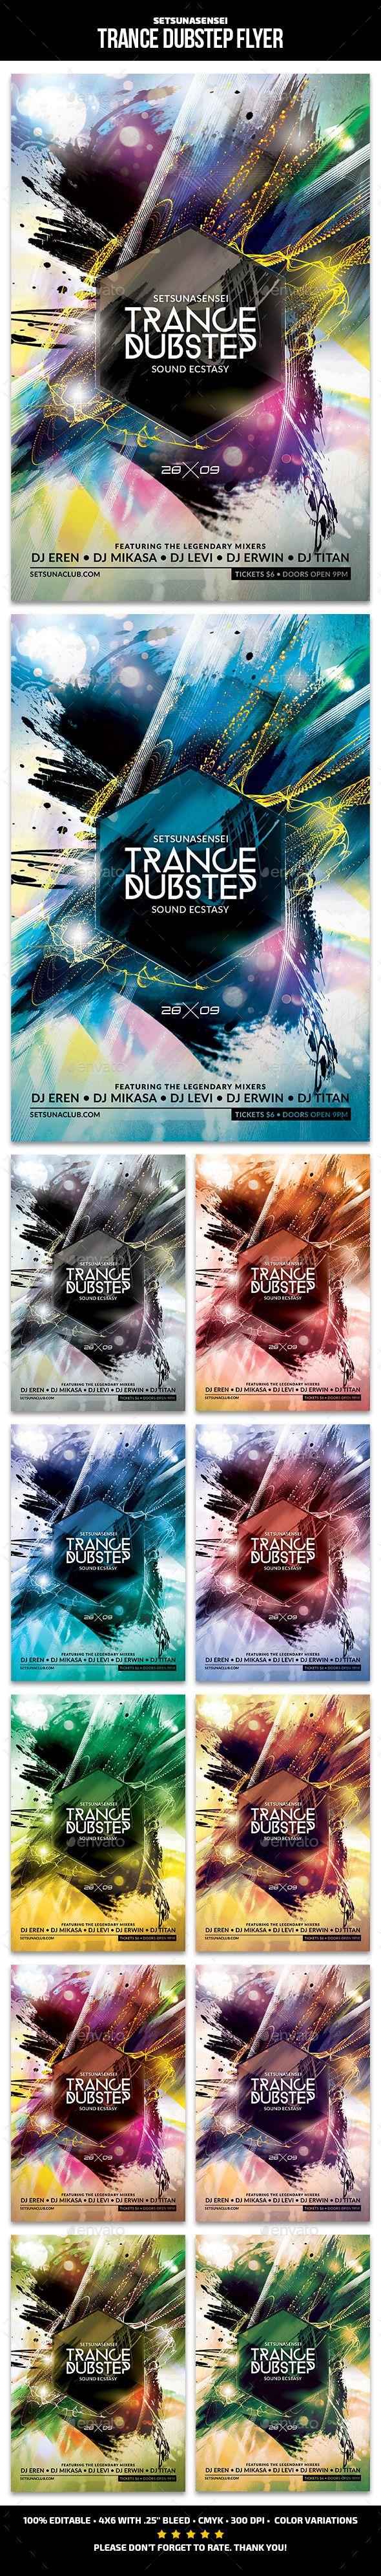 Trance Dubstep Flyer Template PSD #design Download: http://graphicriver.net/item/trance-dubstep-flyer/12919821?ref=ksioks